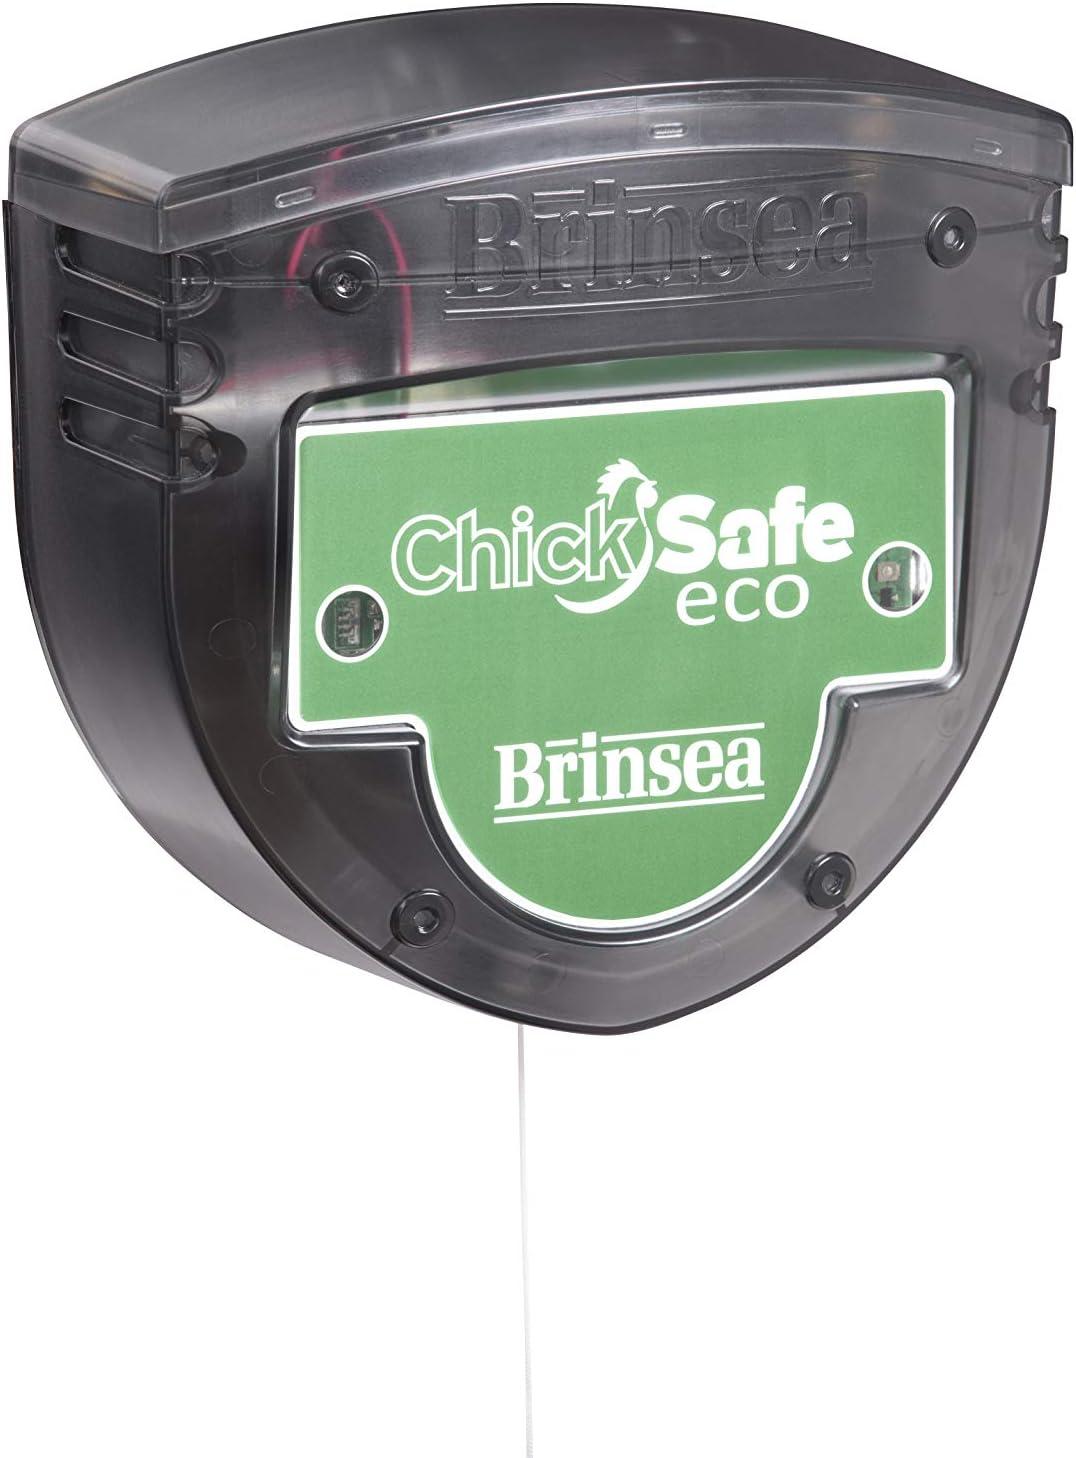 Brinsea ChickSafe Eco - Abridor automático para puerta de gallinero, color verde